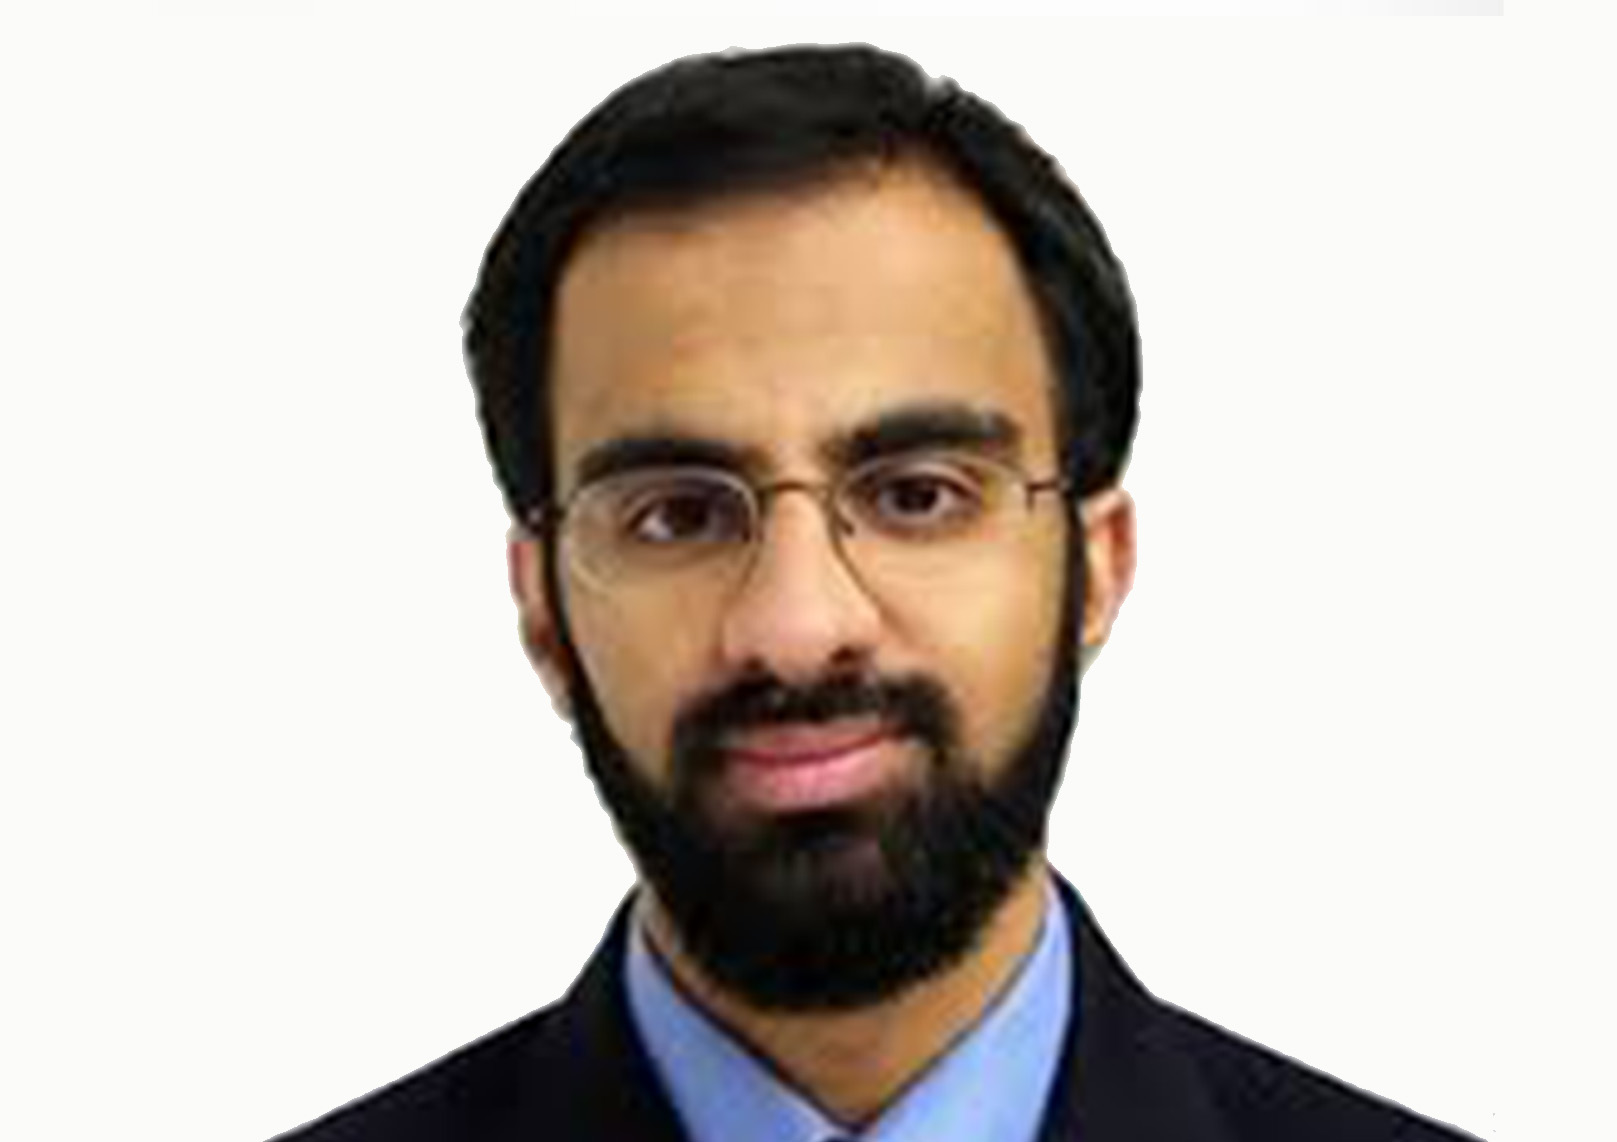 Dr. Mohamed Alarakhia BSC(Hons), MD, CCFP, MSc